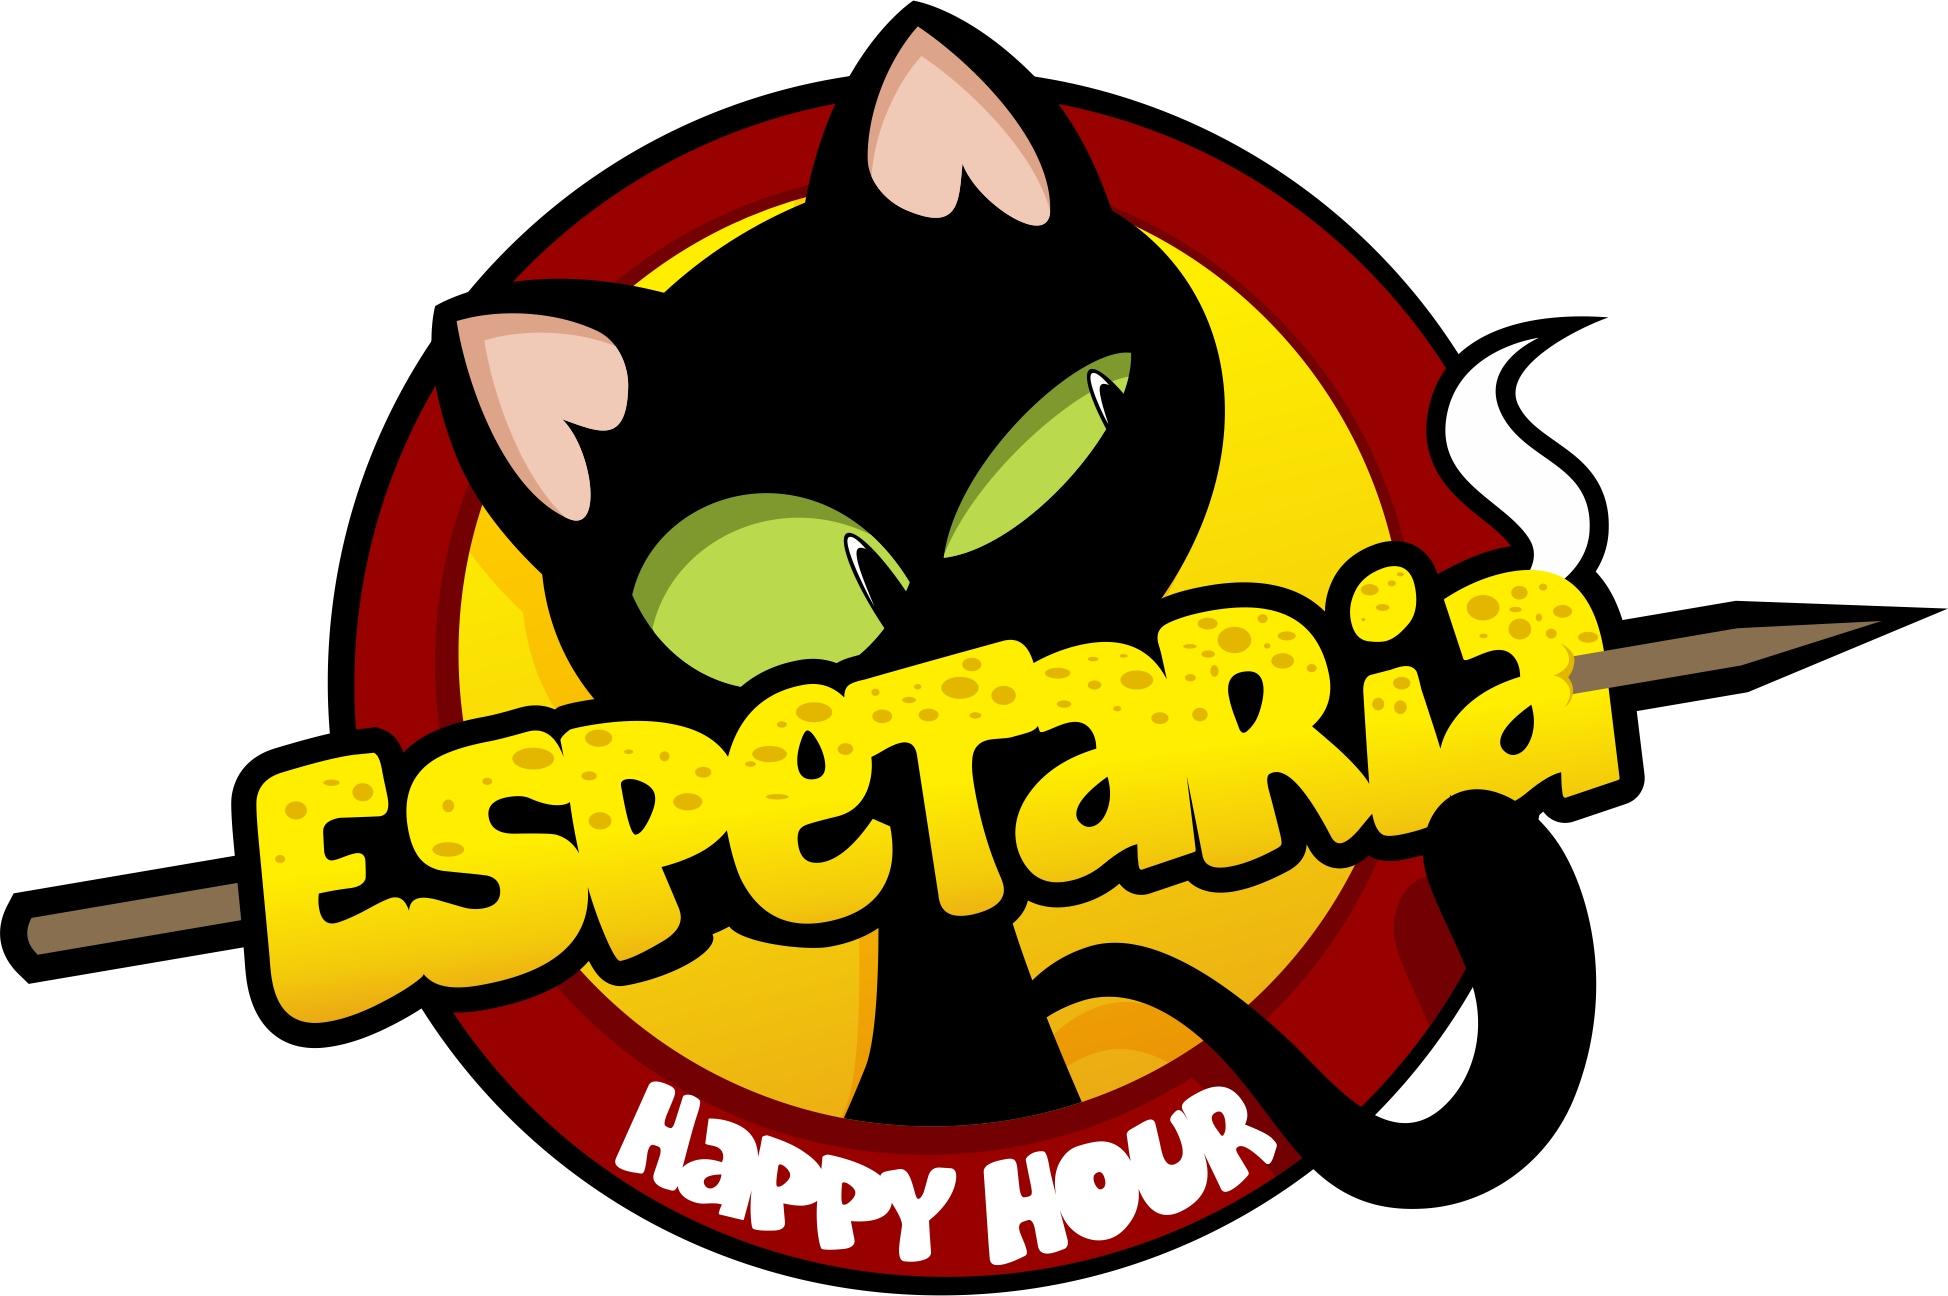 ESPETARIA HAPPY HOUR